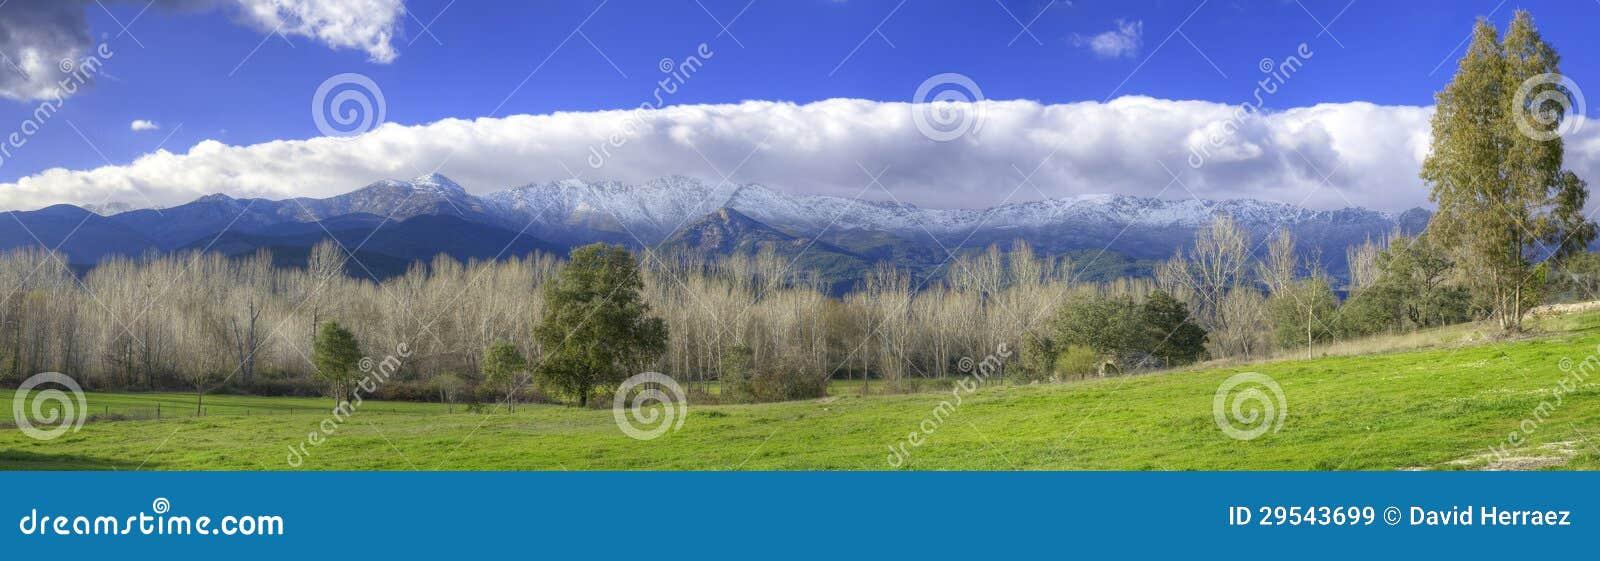 Горы Snowy и зеленая долина в Сьерре de Gredos, Авила, Испании